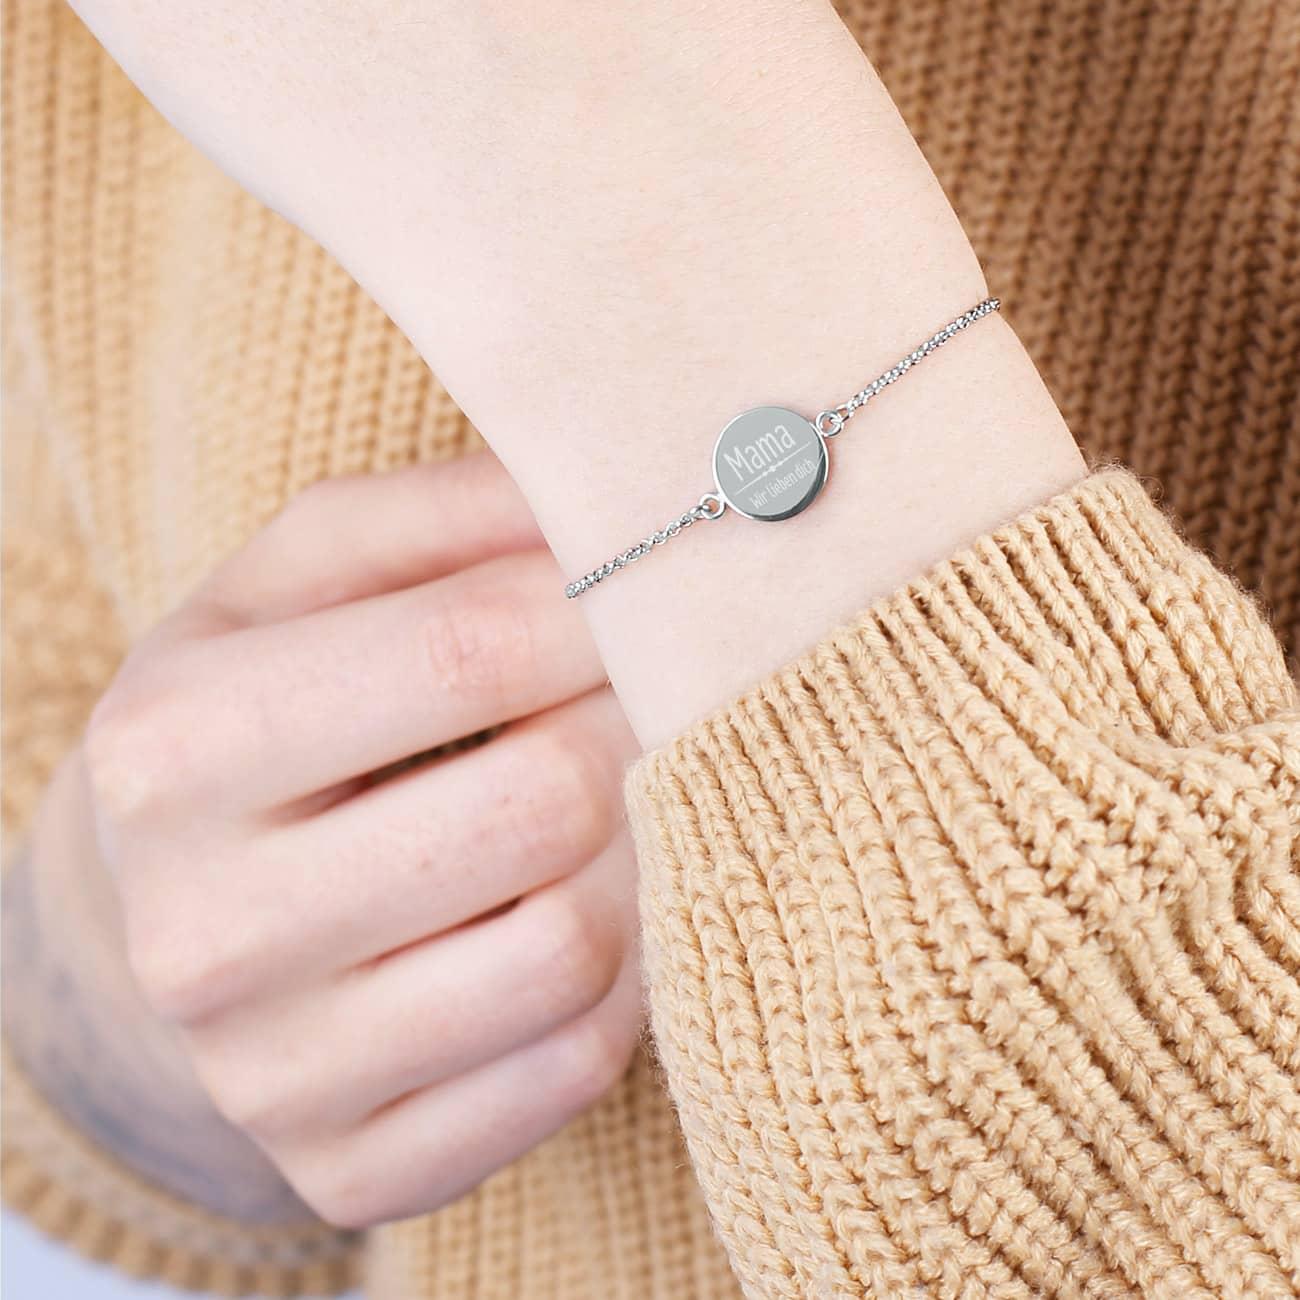 Armband von Leonardo Silber oder Gold | Gravur